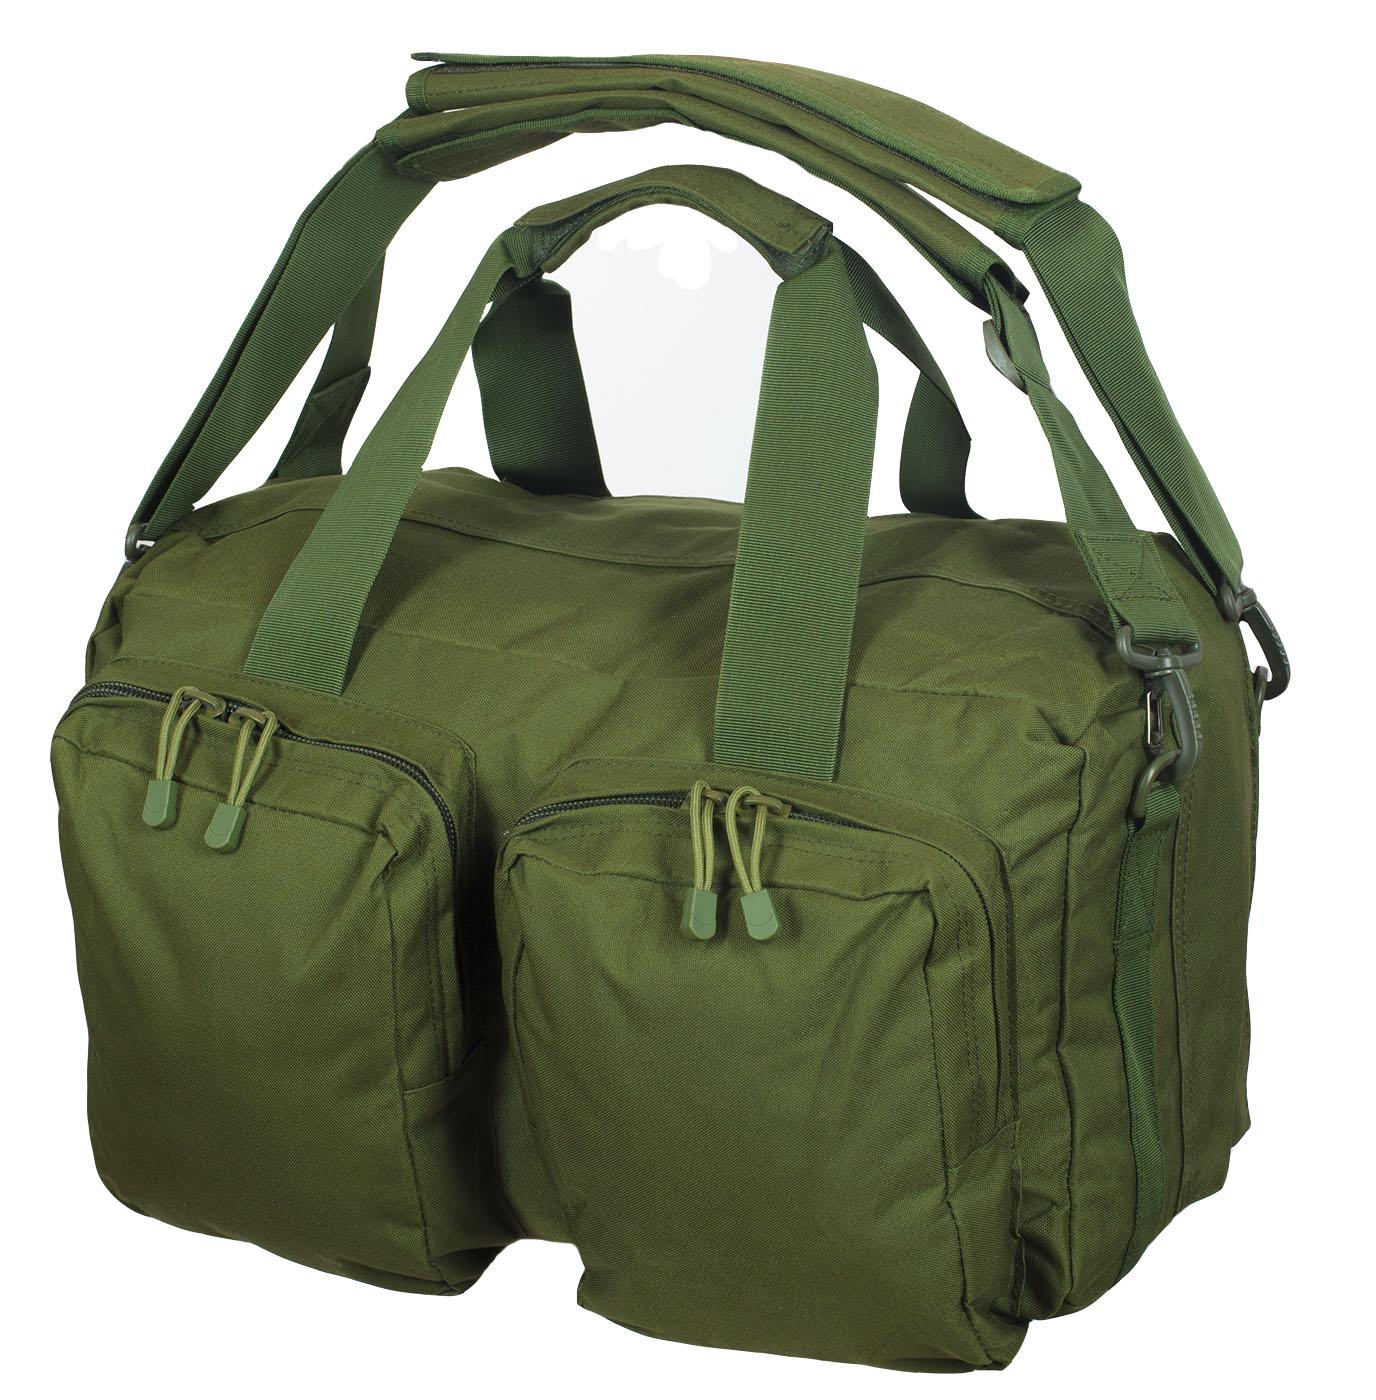 Тактическая сумка-рюкзак с нашивкой Эх, хвост, чешуя - заказать с доставкой